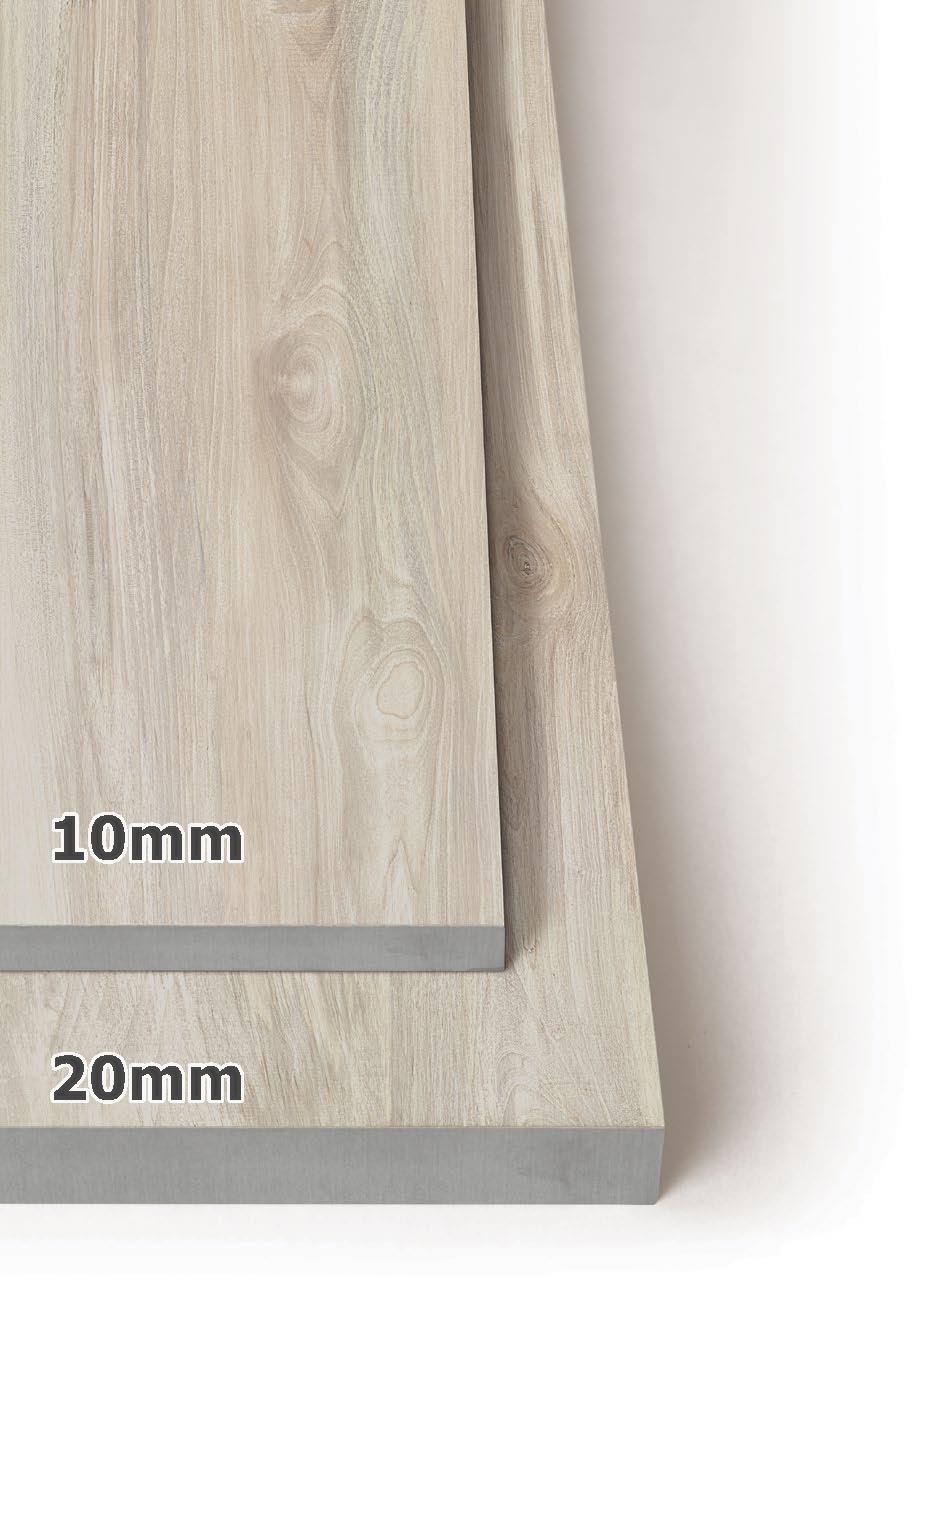 fliesen herdt la fabbrica amazon arara 076029. Black Bedroom Furniture Sets. Home Design Ideas